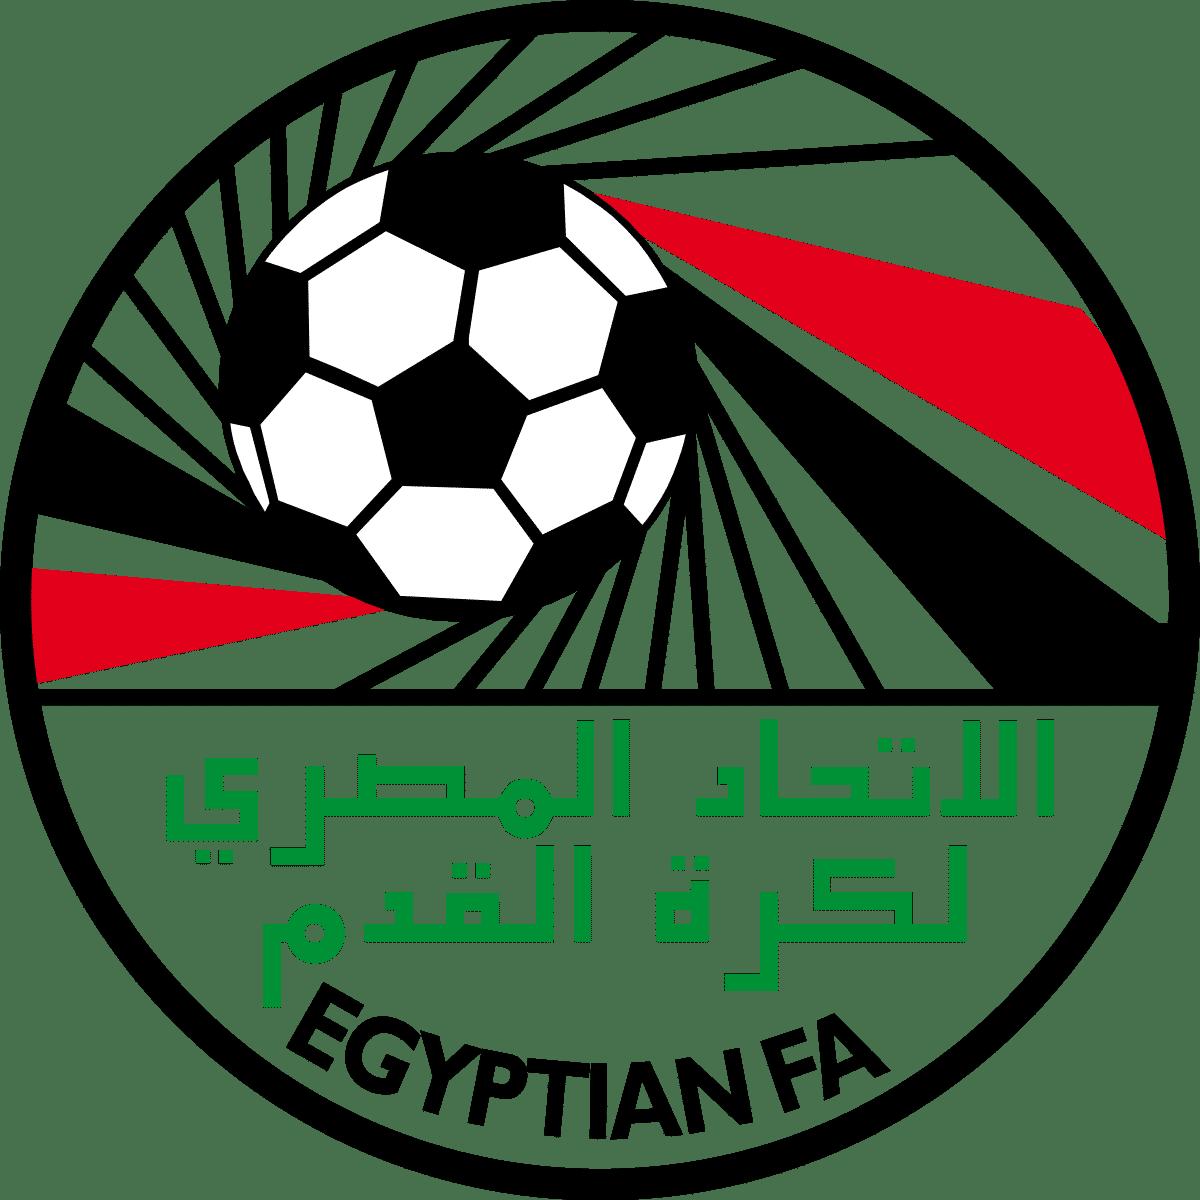 الأهلي يحل ق بعيدا وصراع بين الإسماعيلي والزمالك في ترتيب الدوري المصري National Football Teams Soccer Logo Football Logo